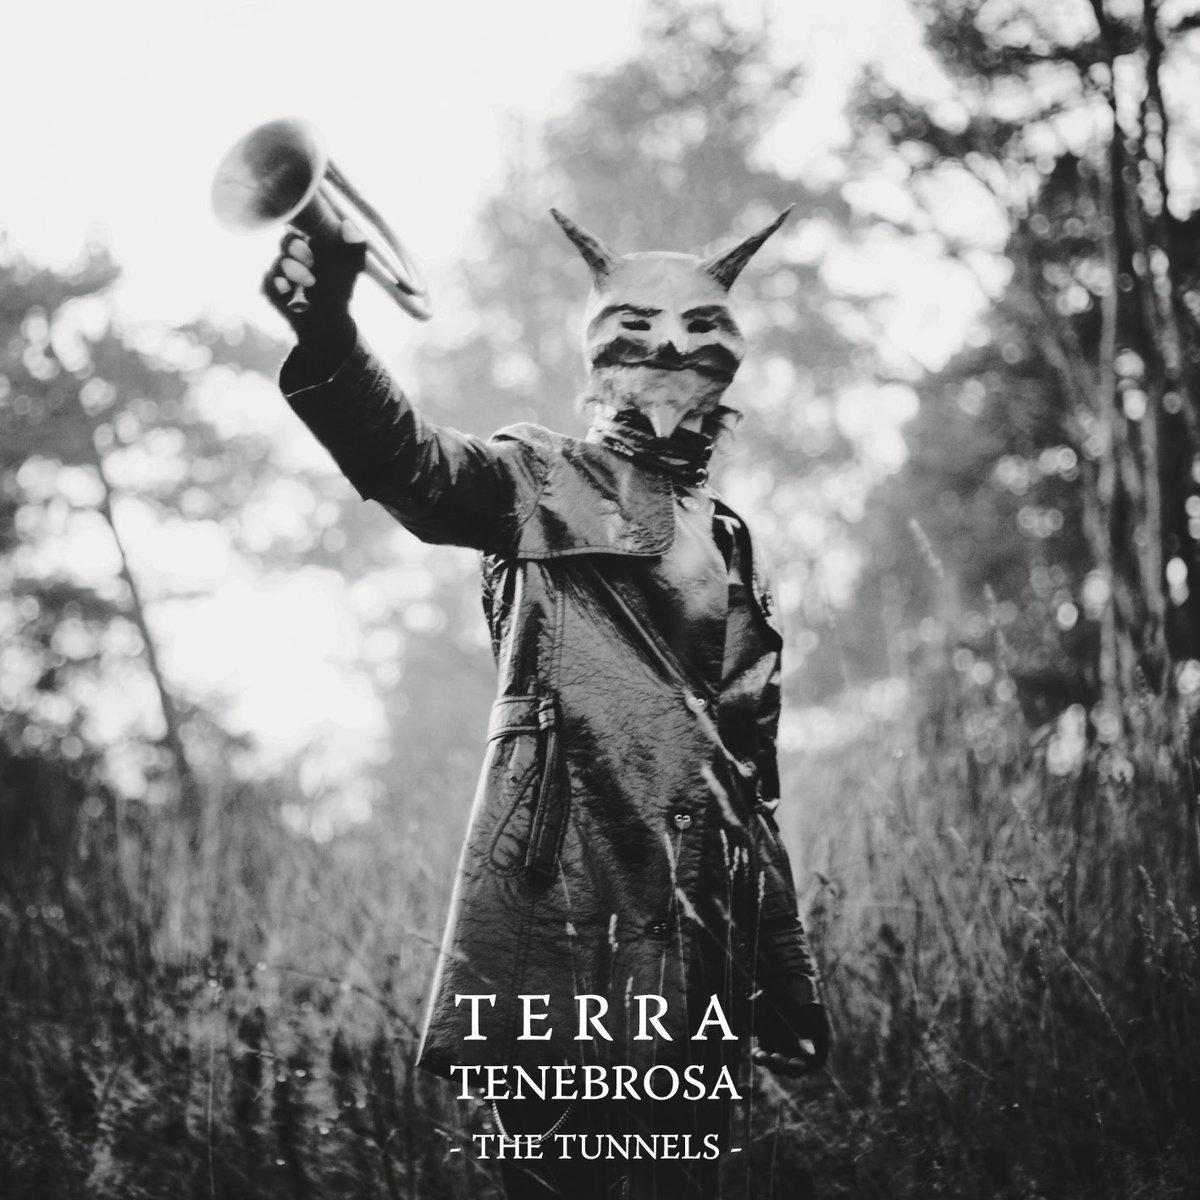 TERRA TENEBROSA The Tunnels - Vinyl 2xLP